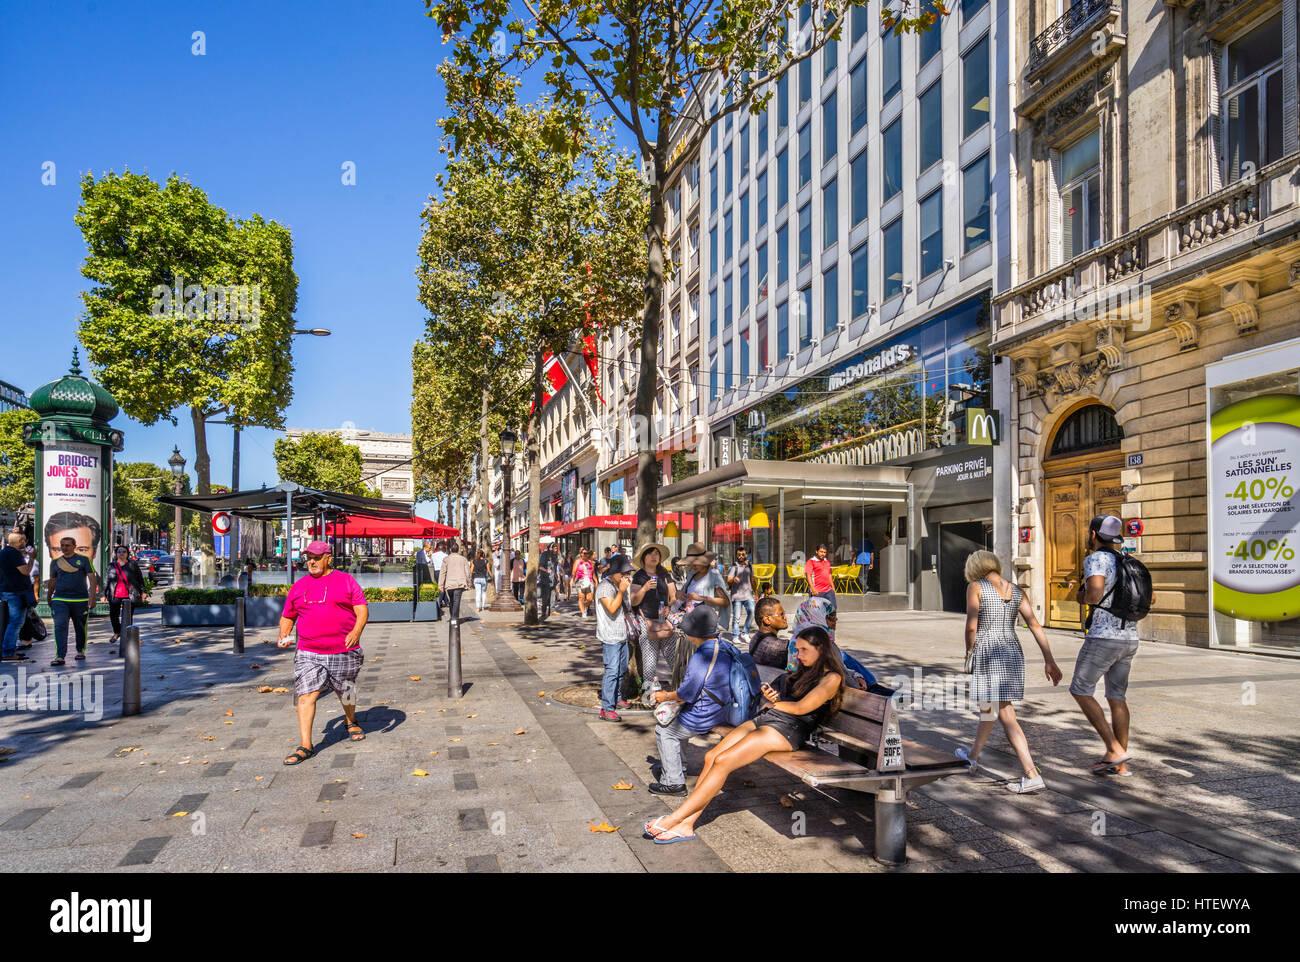 France, Ile-de-France, Paris, upscale shopping at the Avenue des Champs-Élysées - Stock Image